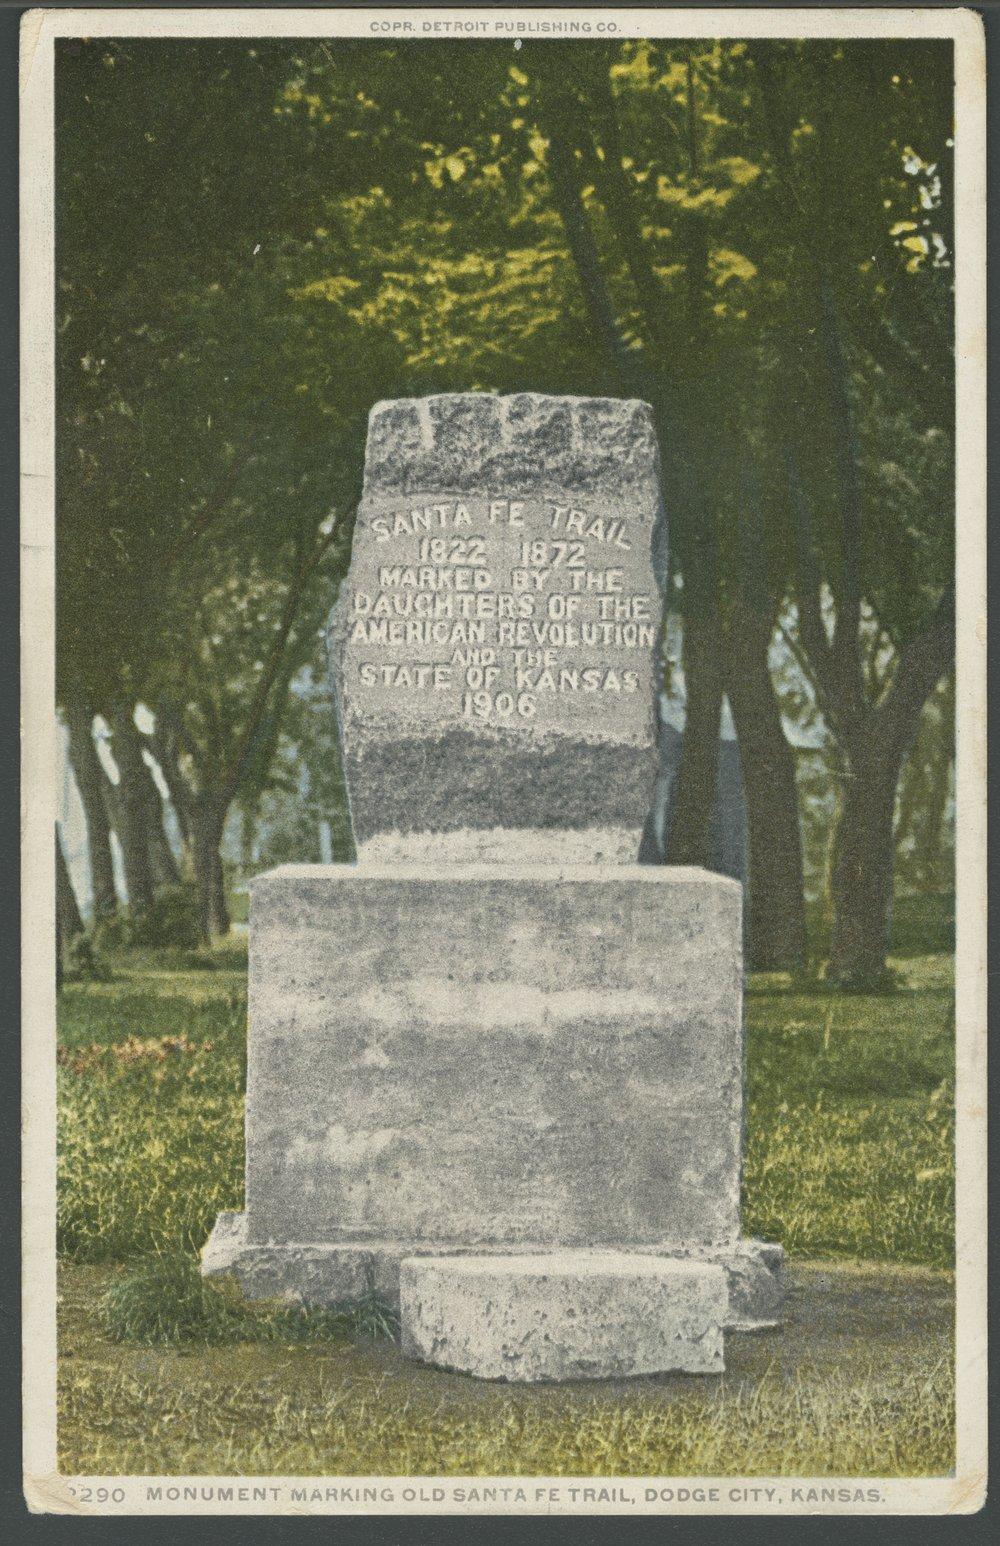 Santa Fe Trail monument, Dodge City, Kansas - 1